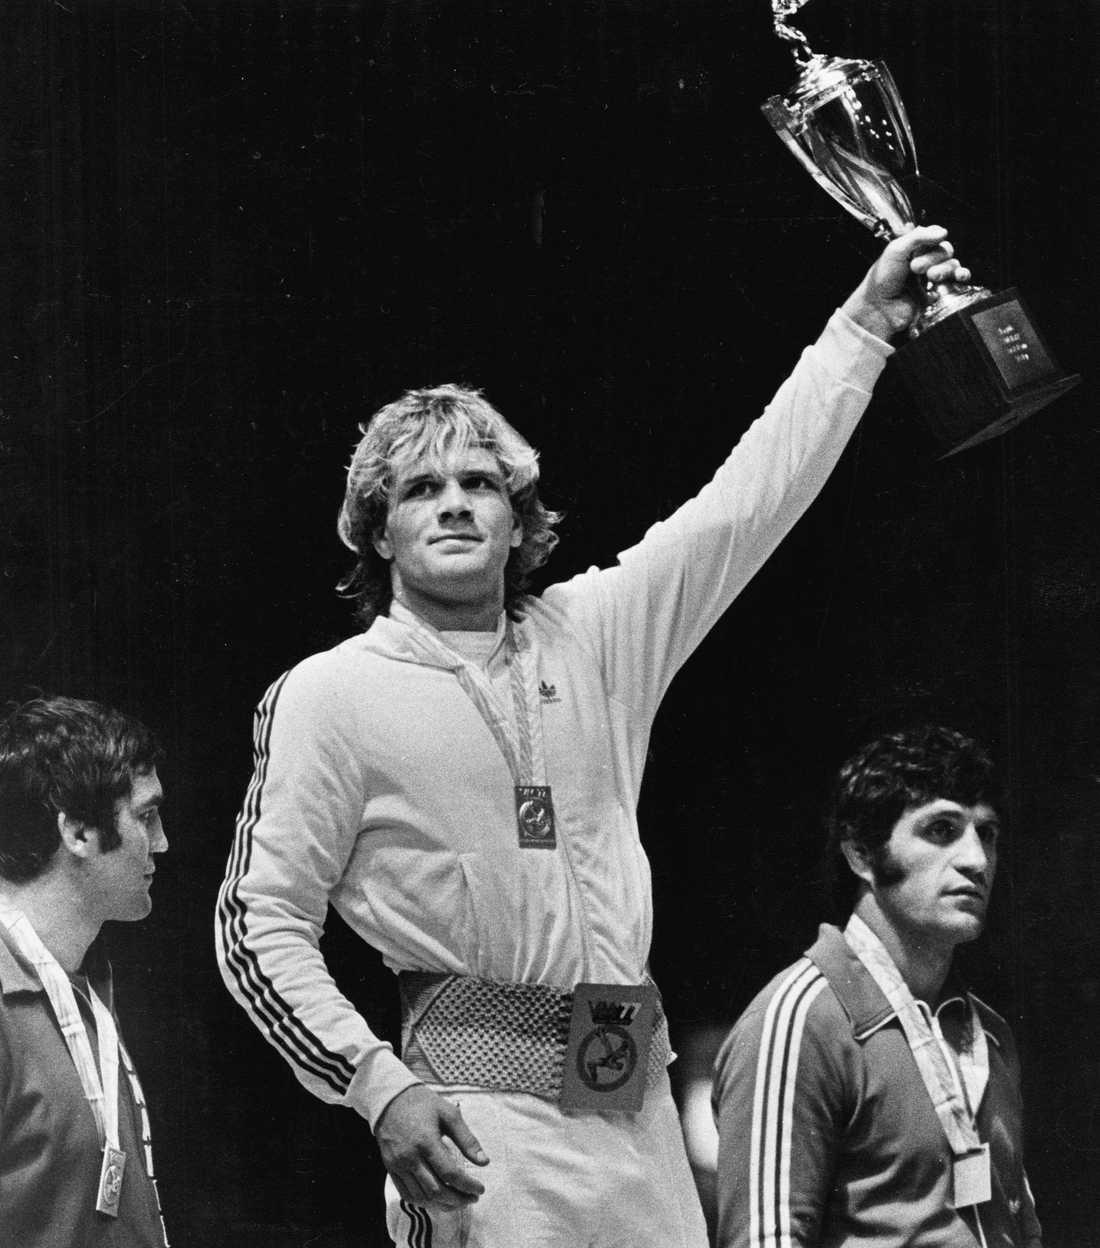 Frank Andersson firar guldet genom att hålla upp bucklan från VM 1977.